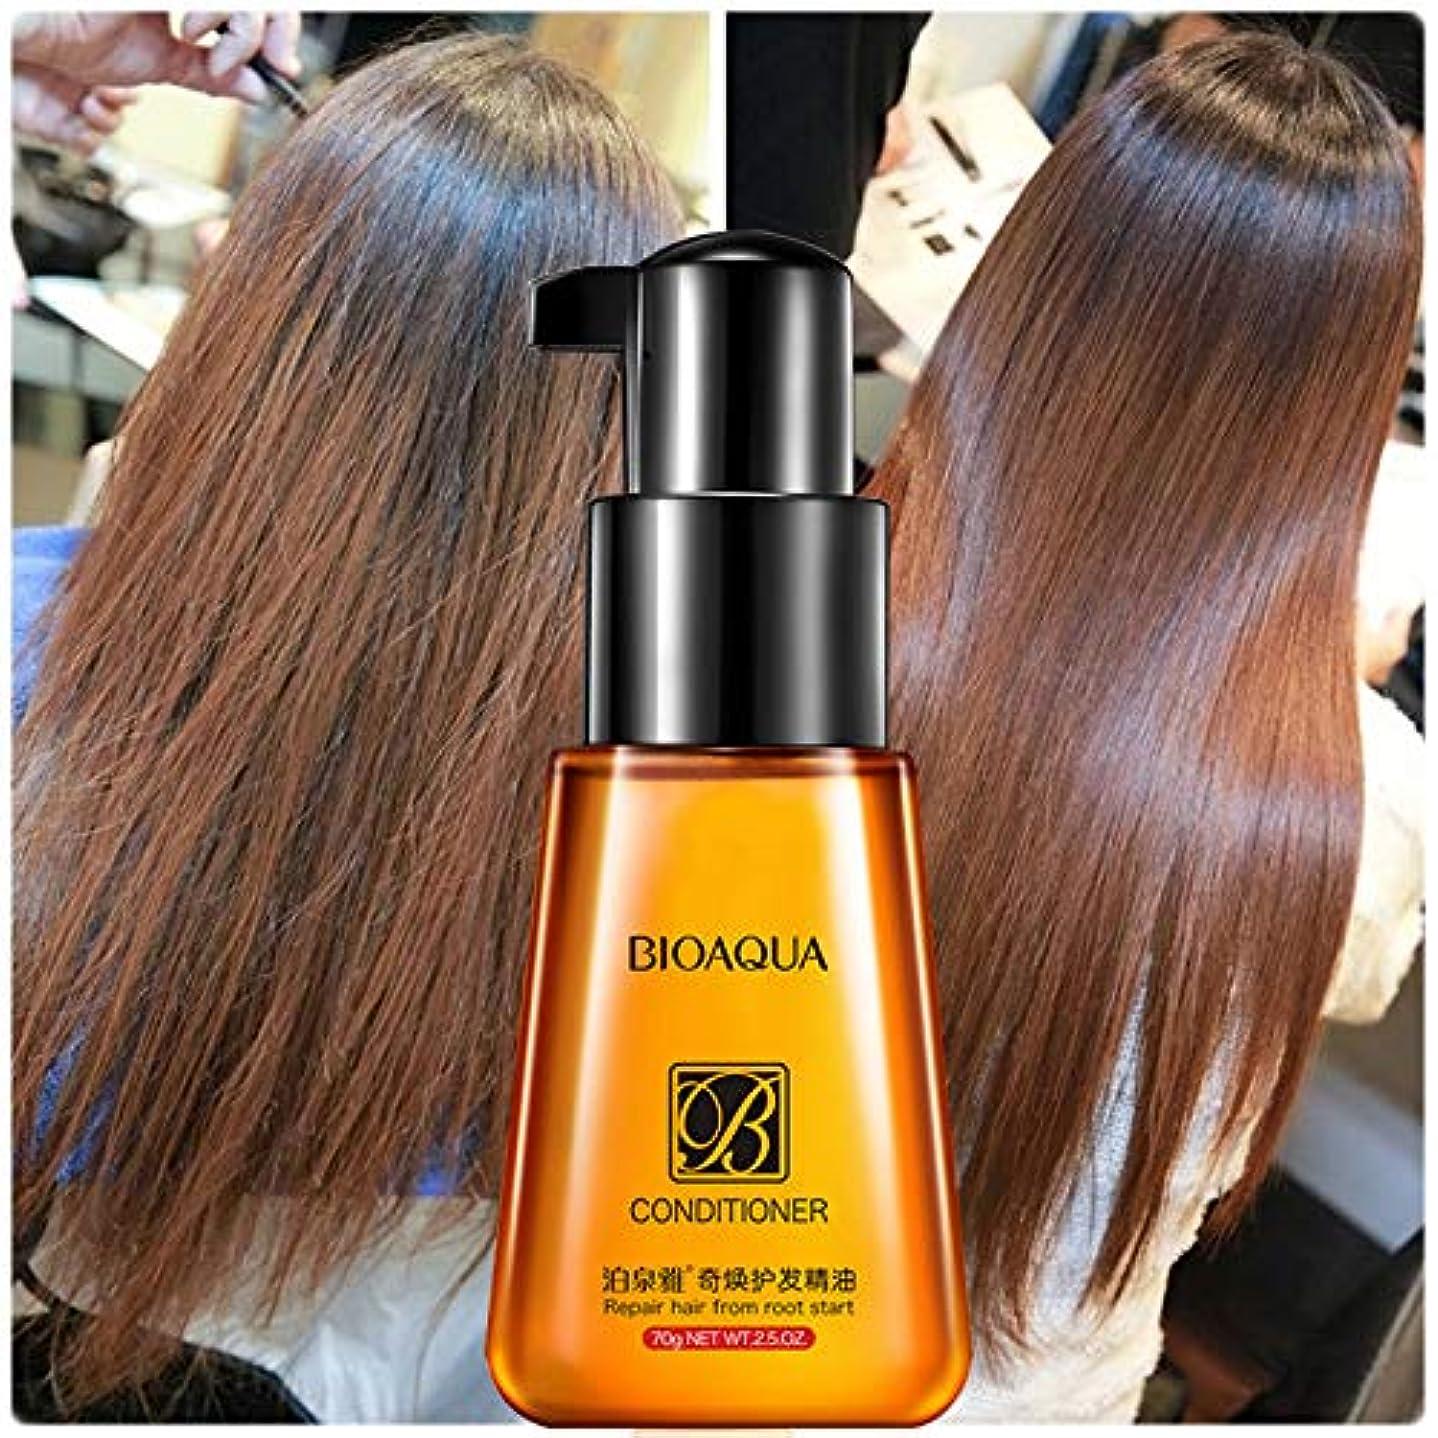 流星小川自体Symboat ヘアケアエッセンシャルオイル 理髪 スタイリング 自然なヘアーケア 保湿剤 精油 洗わない ヘアケア修復保護 保湿髪用 トリートメントオイル 髪 やわらか なめらか しなやかさ